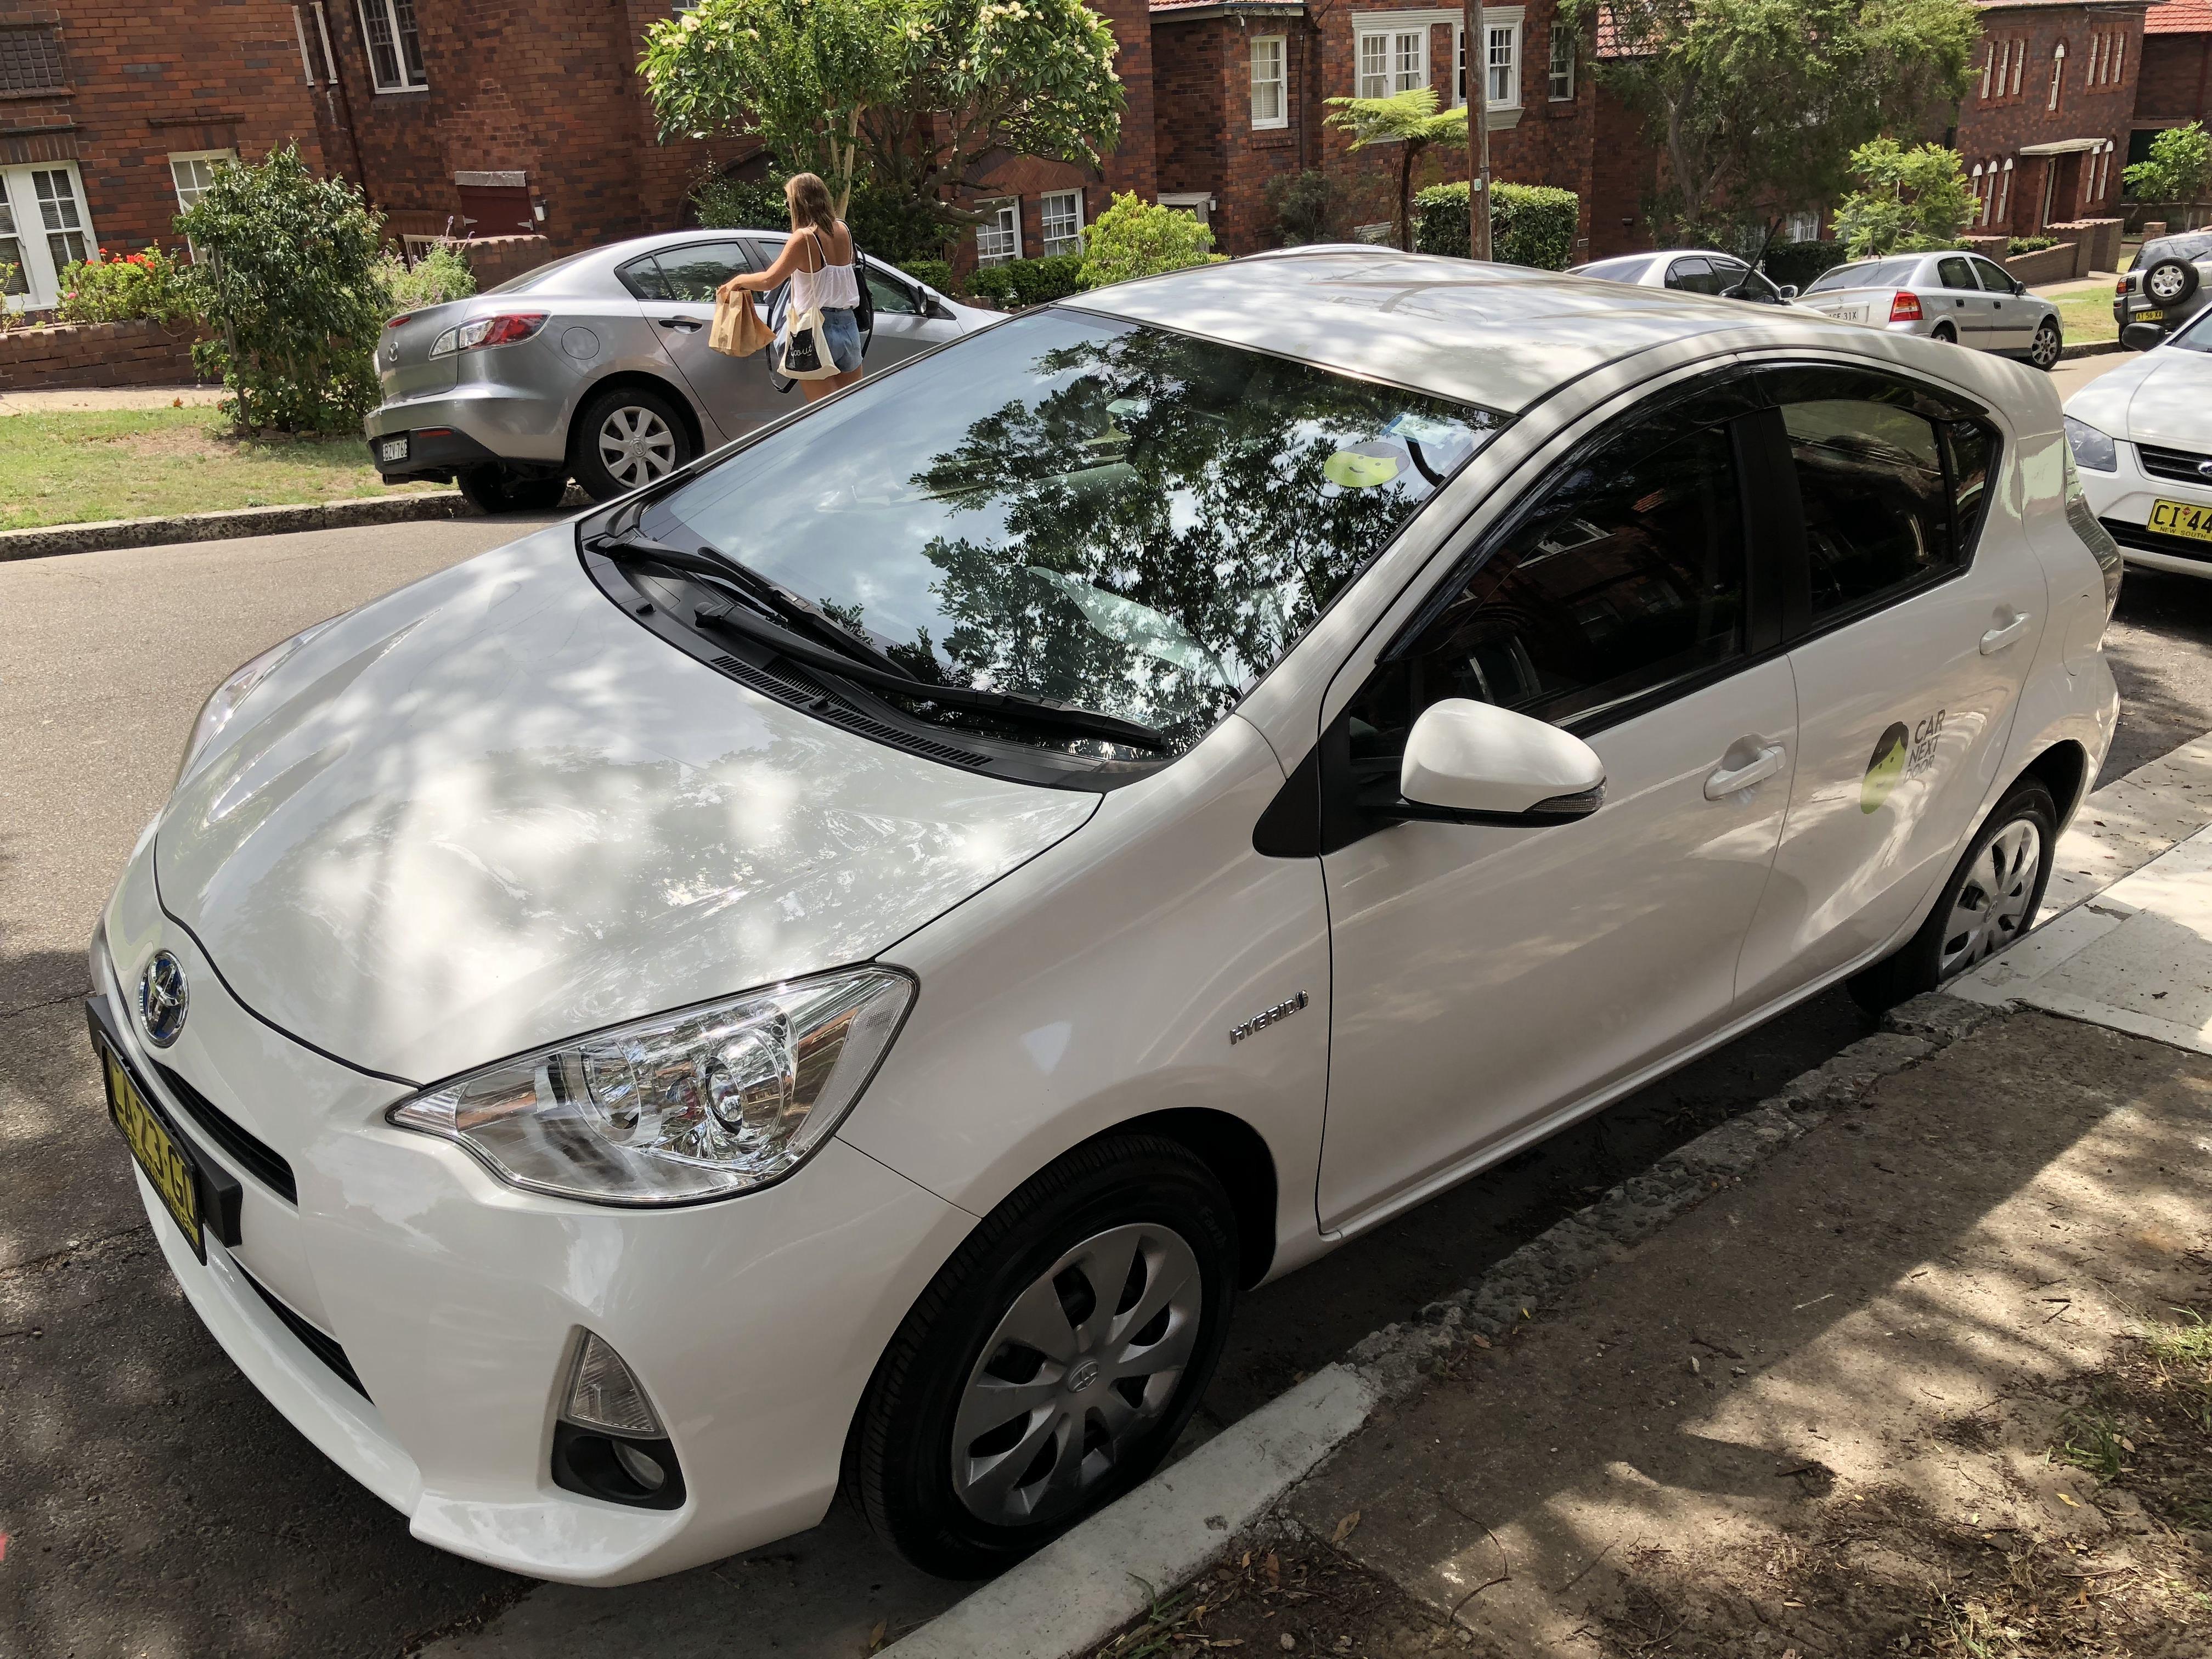 Picture of Deborah's 2014 Toyota Prius-C